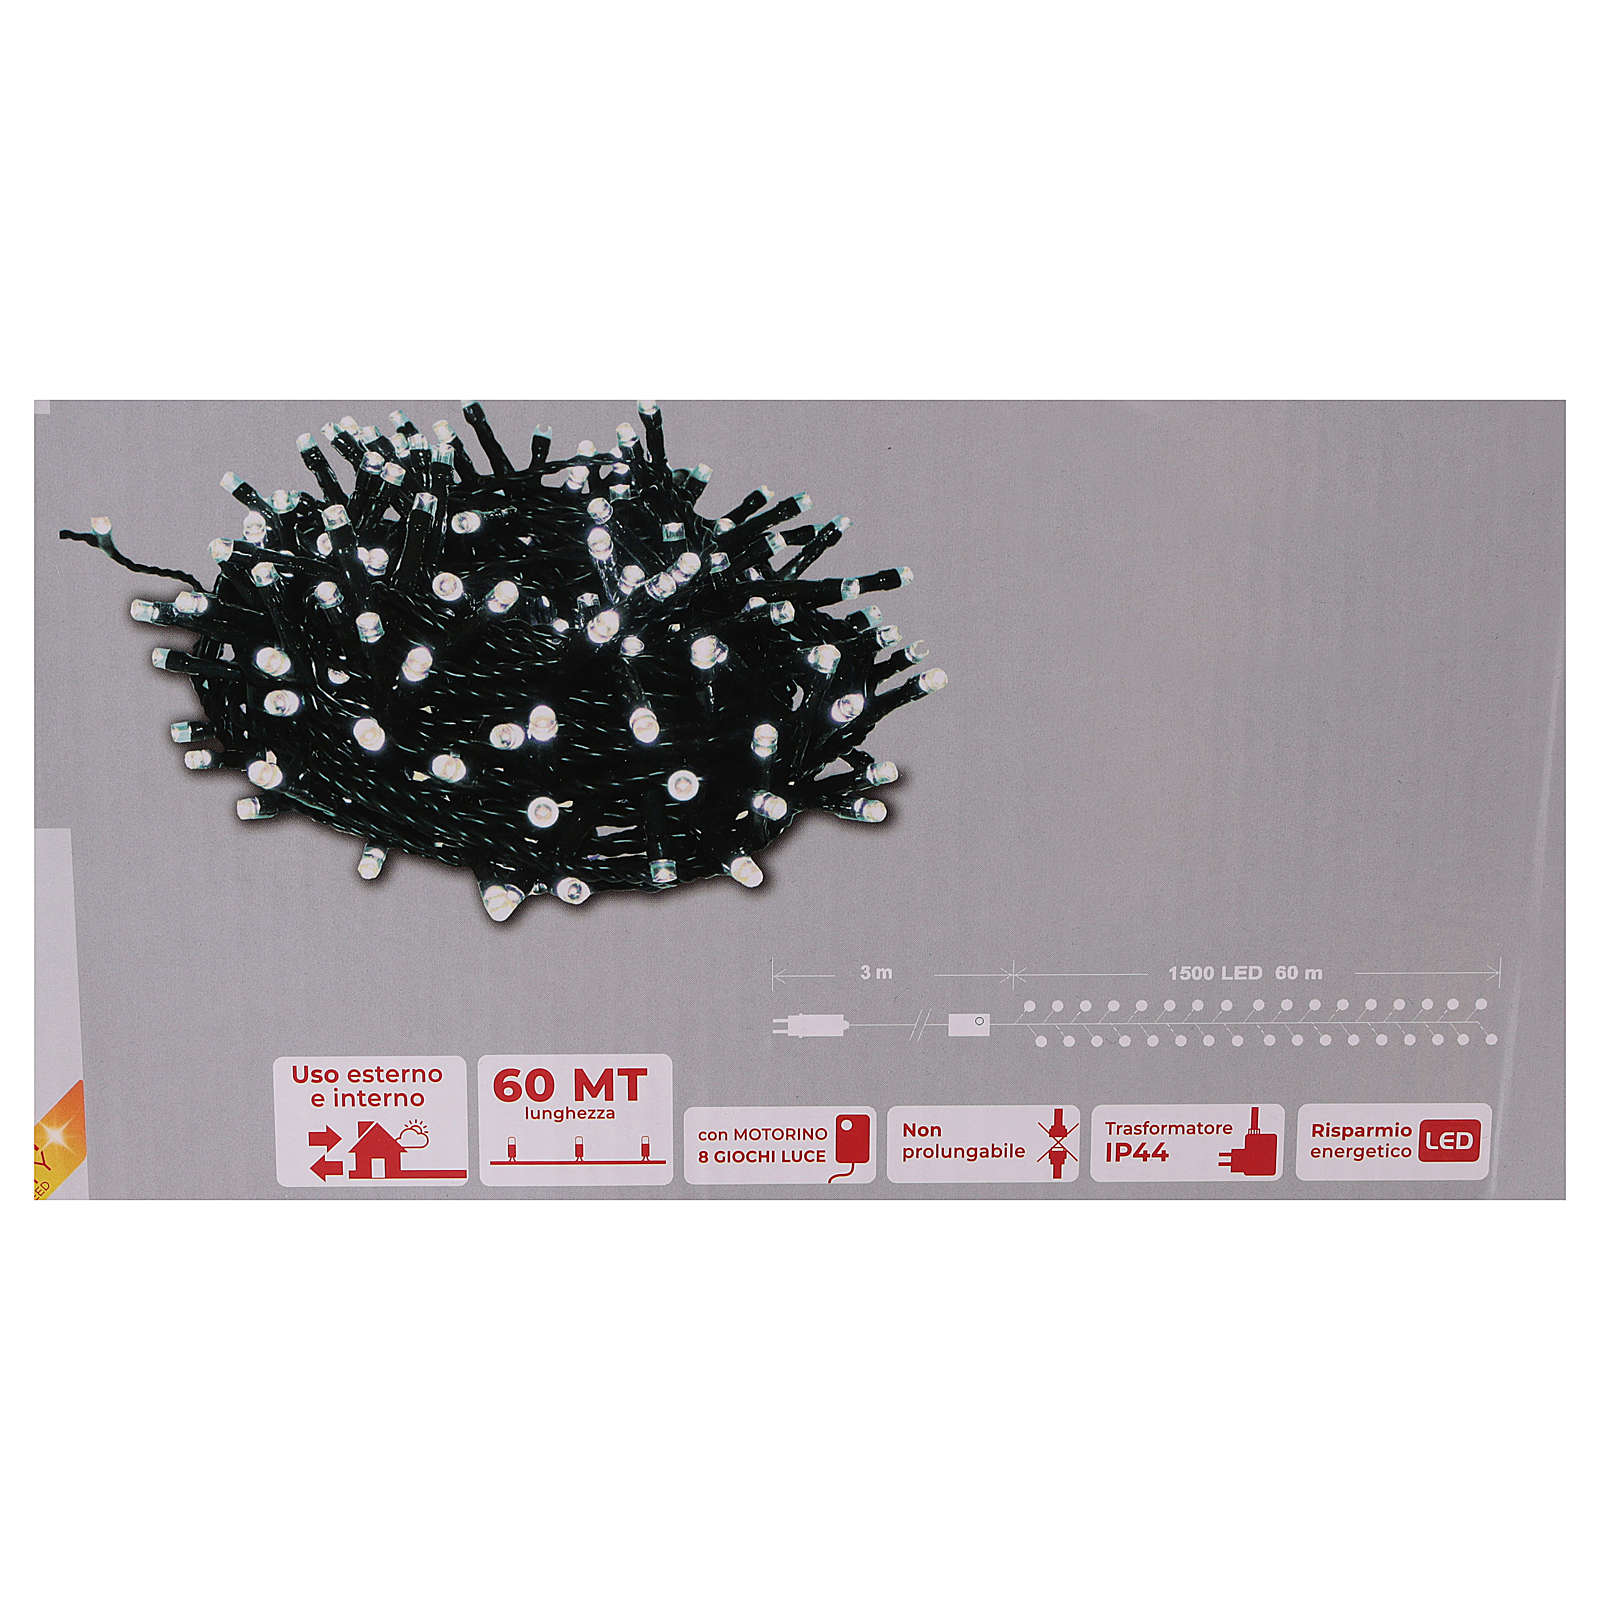 Cadena luminosa navideña 1500 led blanco frío exterior 220V 3